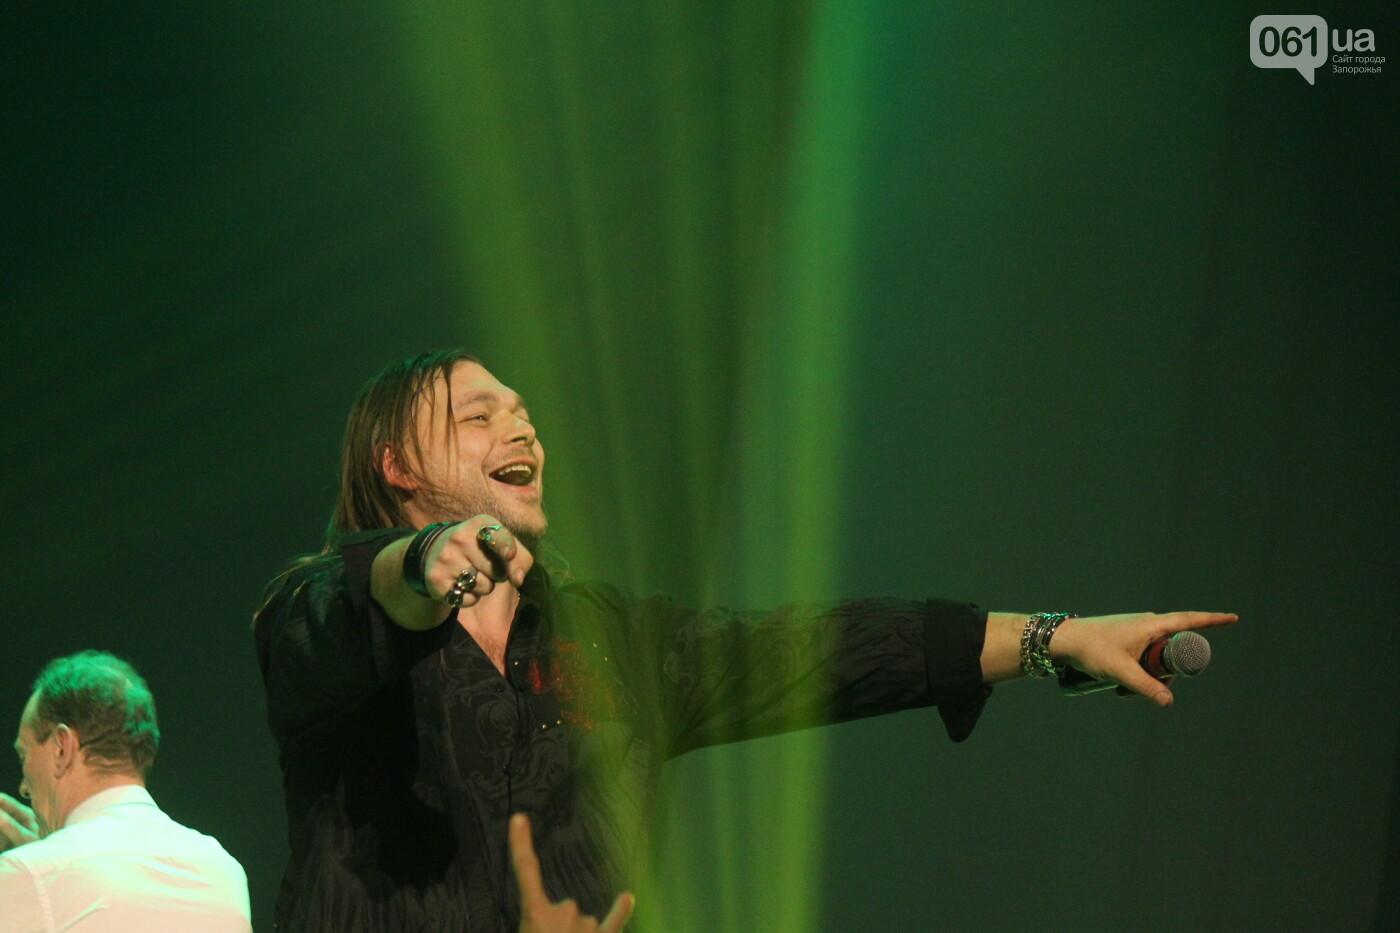 Тяжелый рок в симфоническом звучании: каким было Hard Rock Show в Запорожье, – ФОТОРЕПОРТАЖ, фото-5